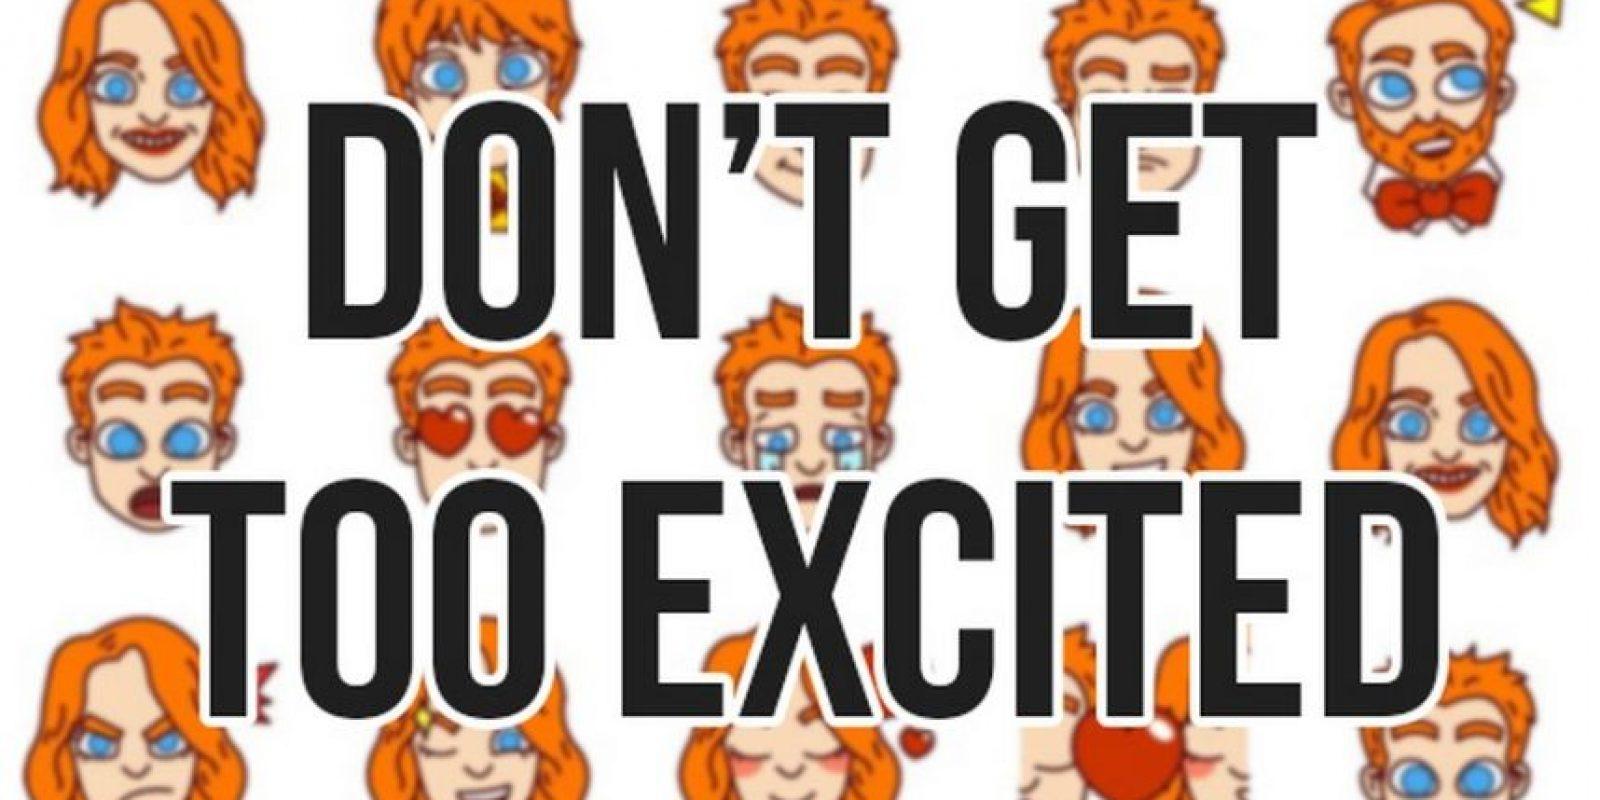 También hay memes al respecto. Foto:gingerparrot.co.uk